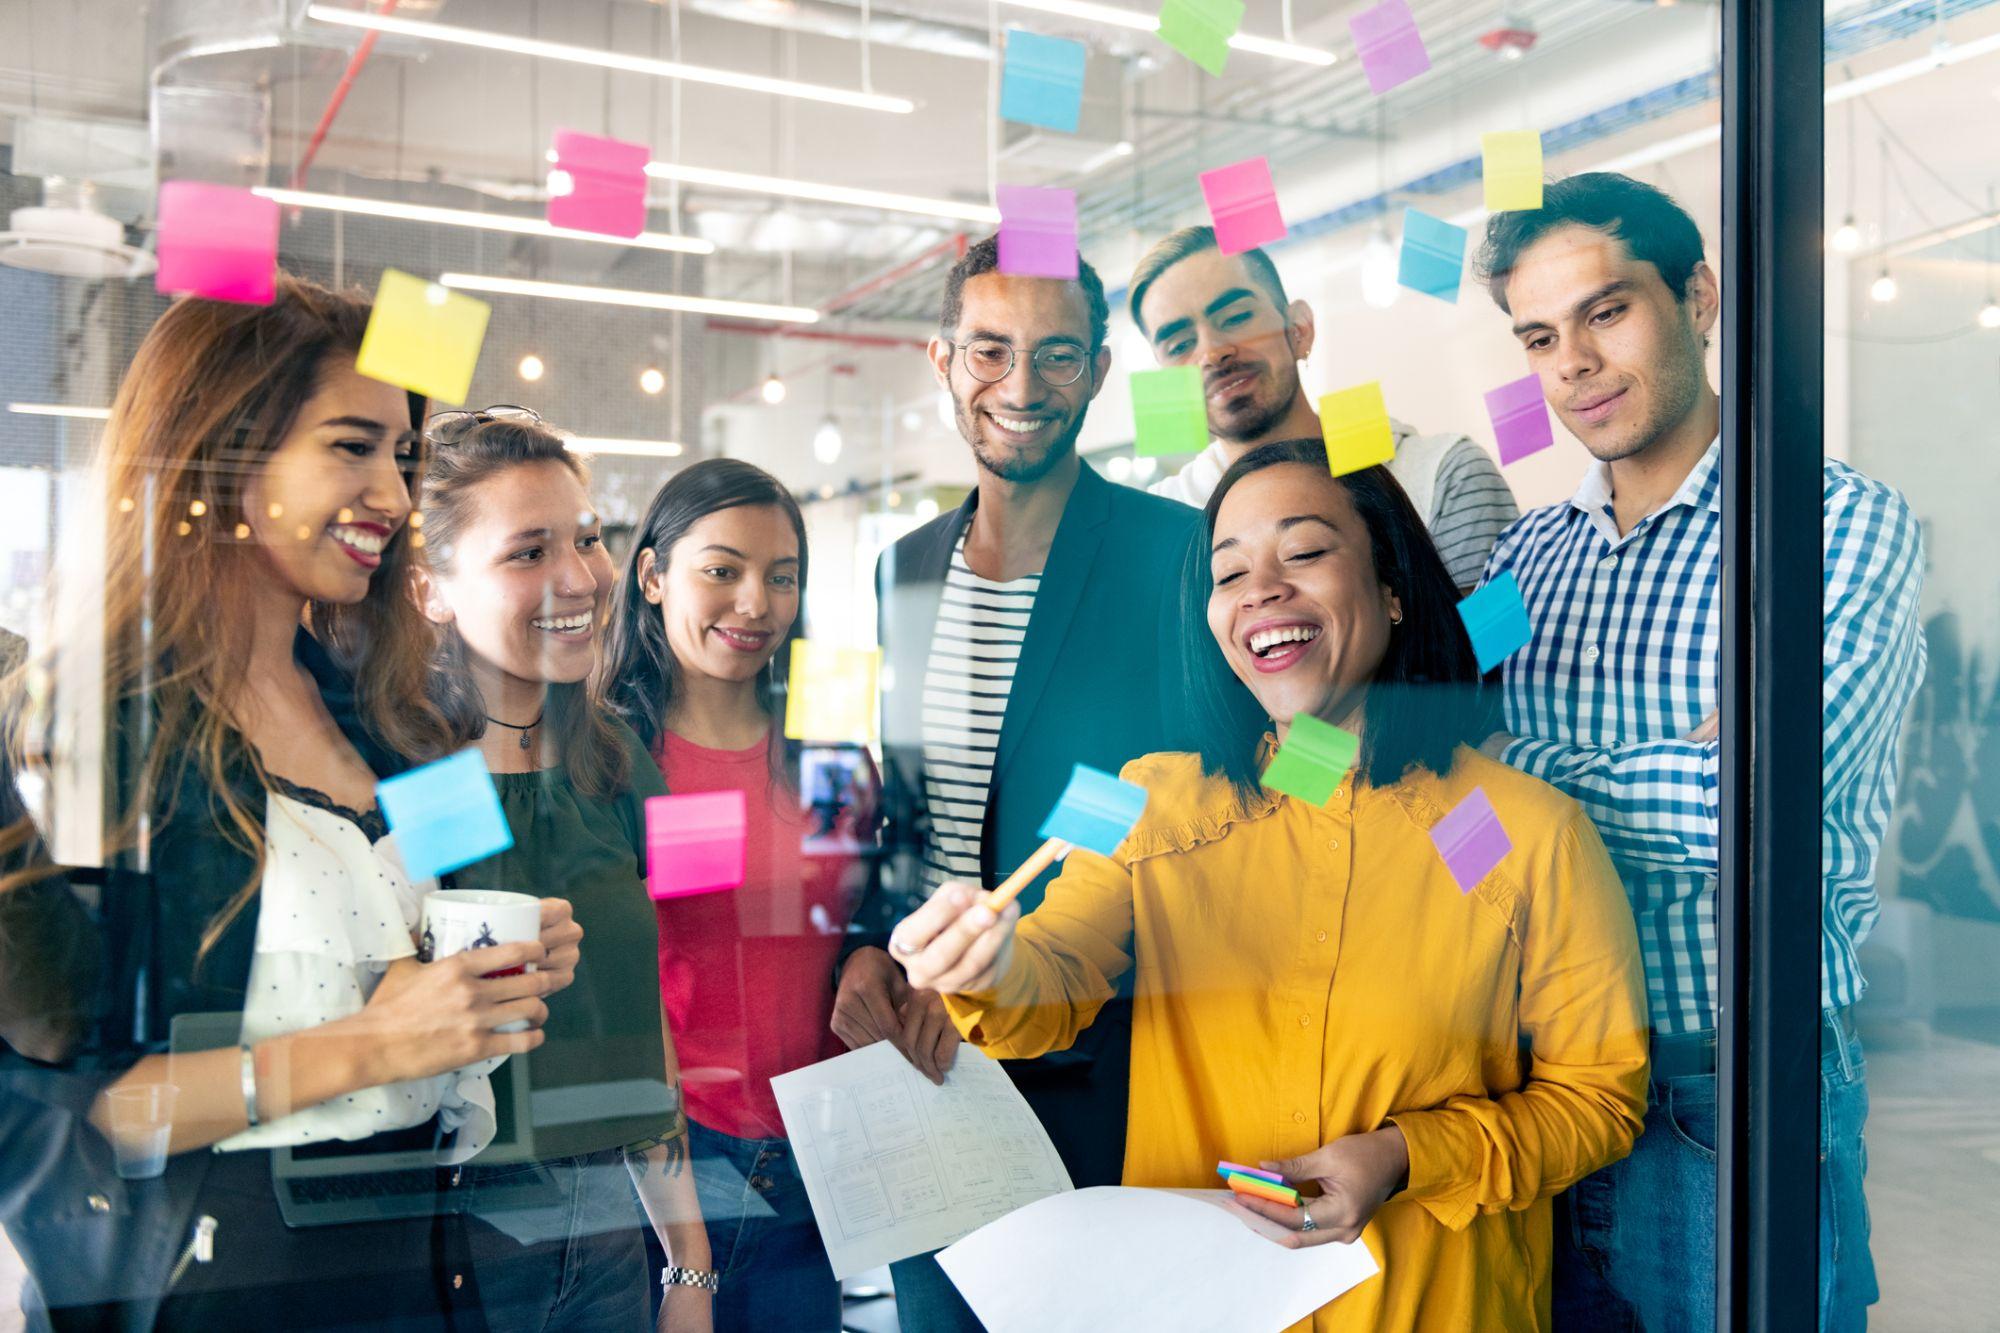 Criatividade no trabalho - Argo Solutions - Simplifying your journey